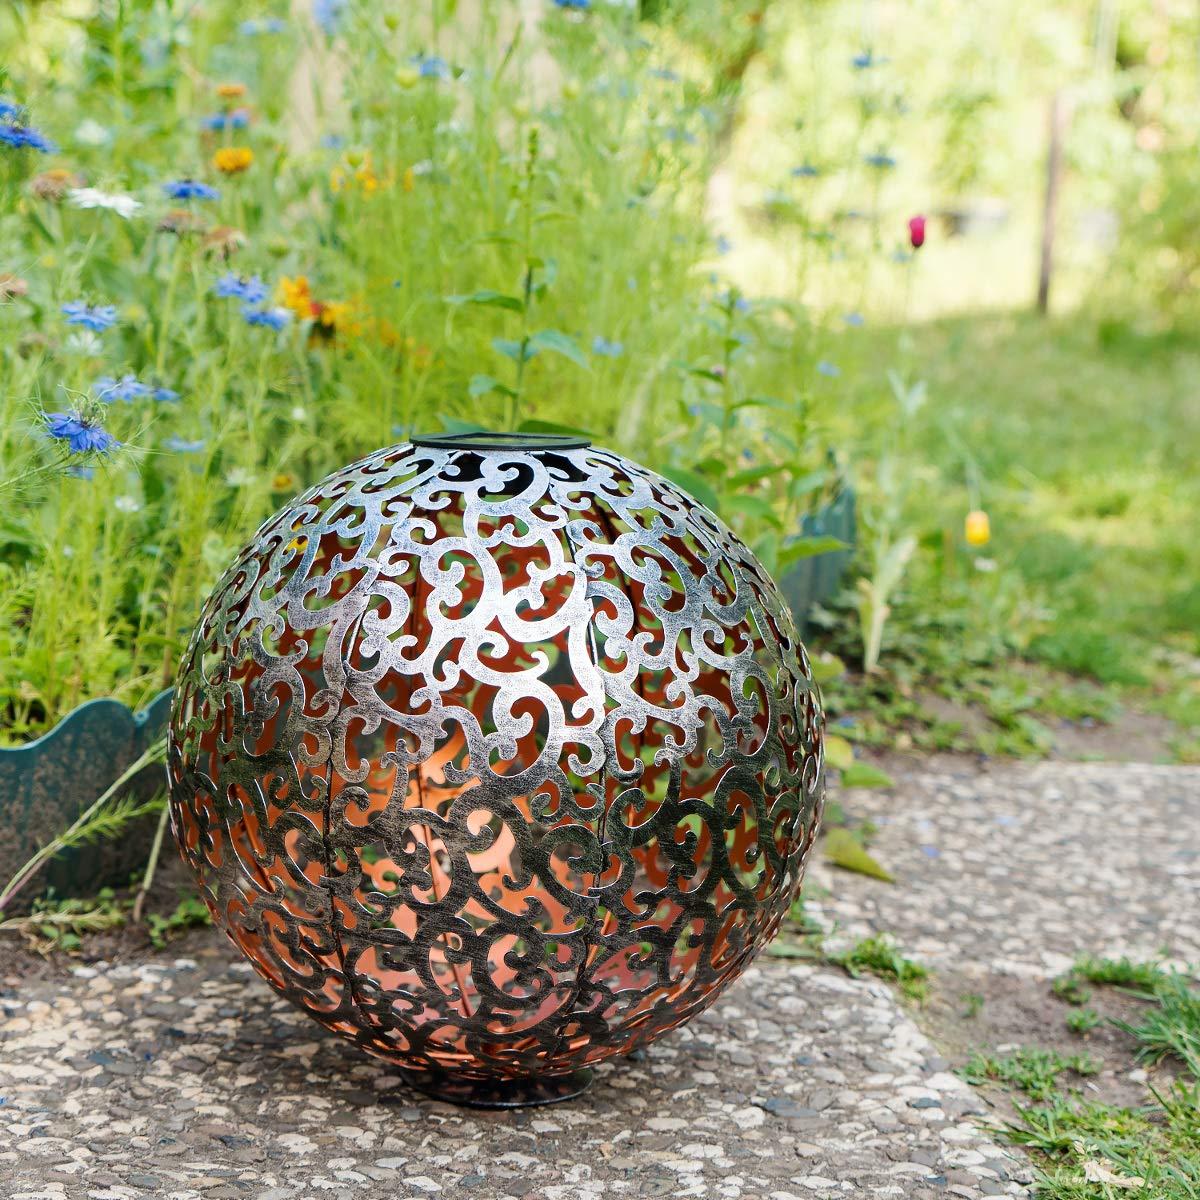 30 x 30cm Navaris LED Solar Kugel aus Metall Geb/ürstetes Silber mit Erdspie/ß Orientalische Solar Kugelleuchte Garten Solarkugel Leuchte